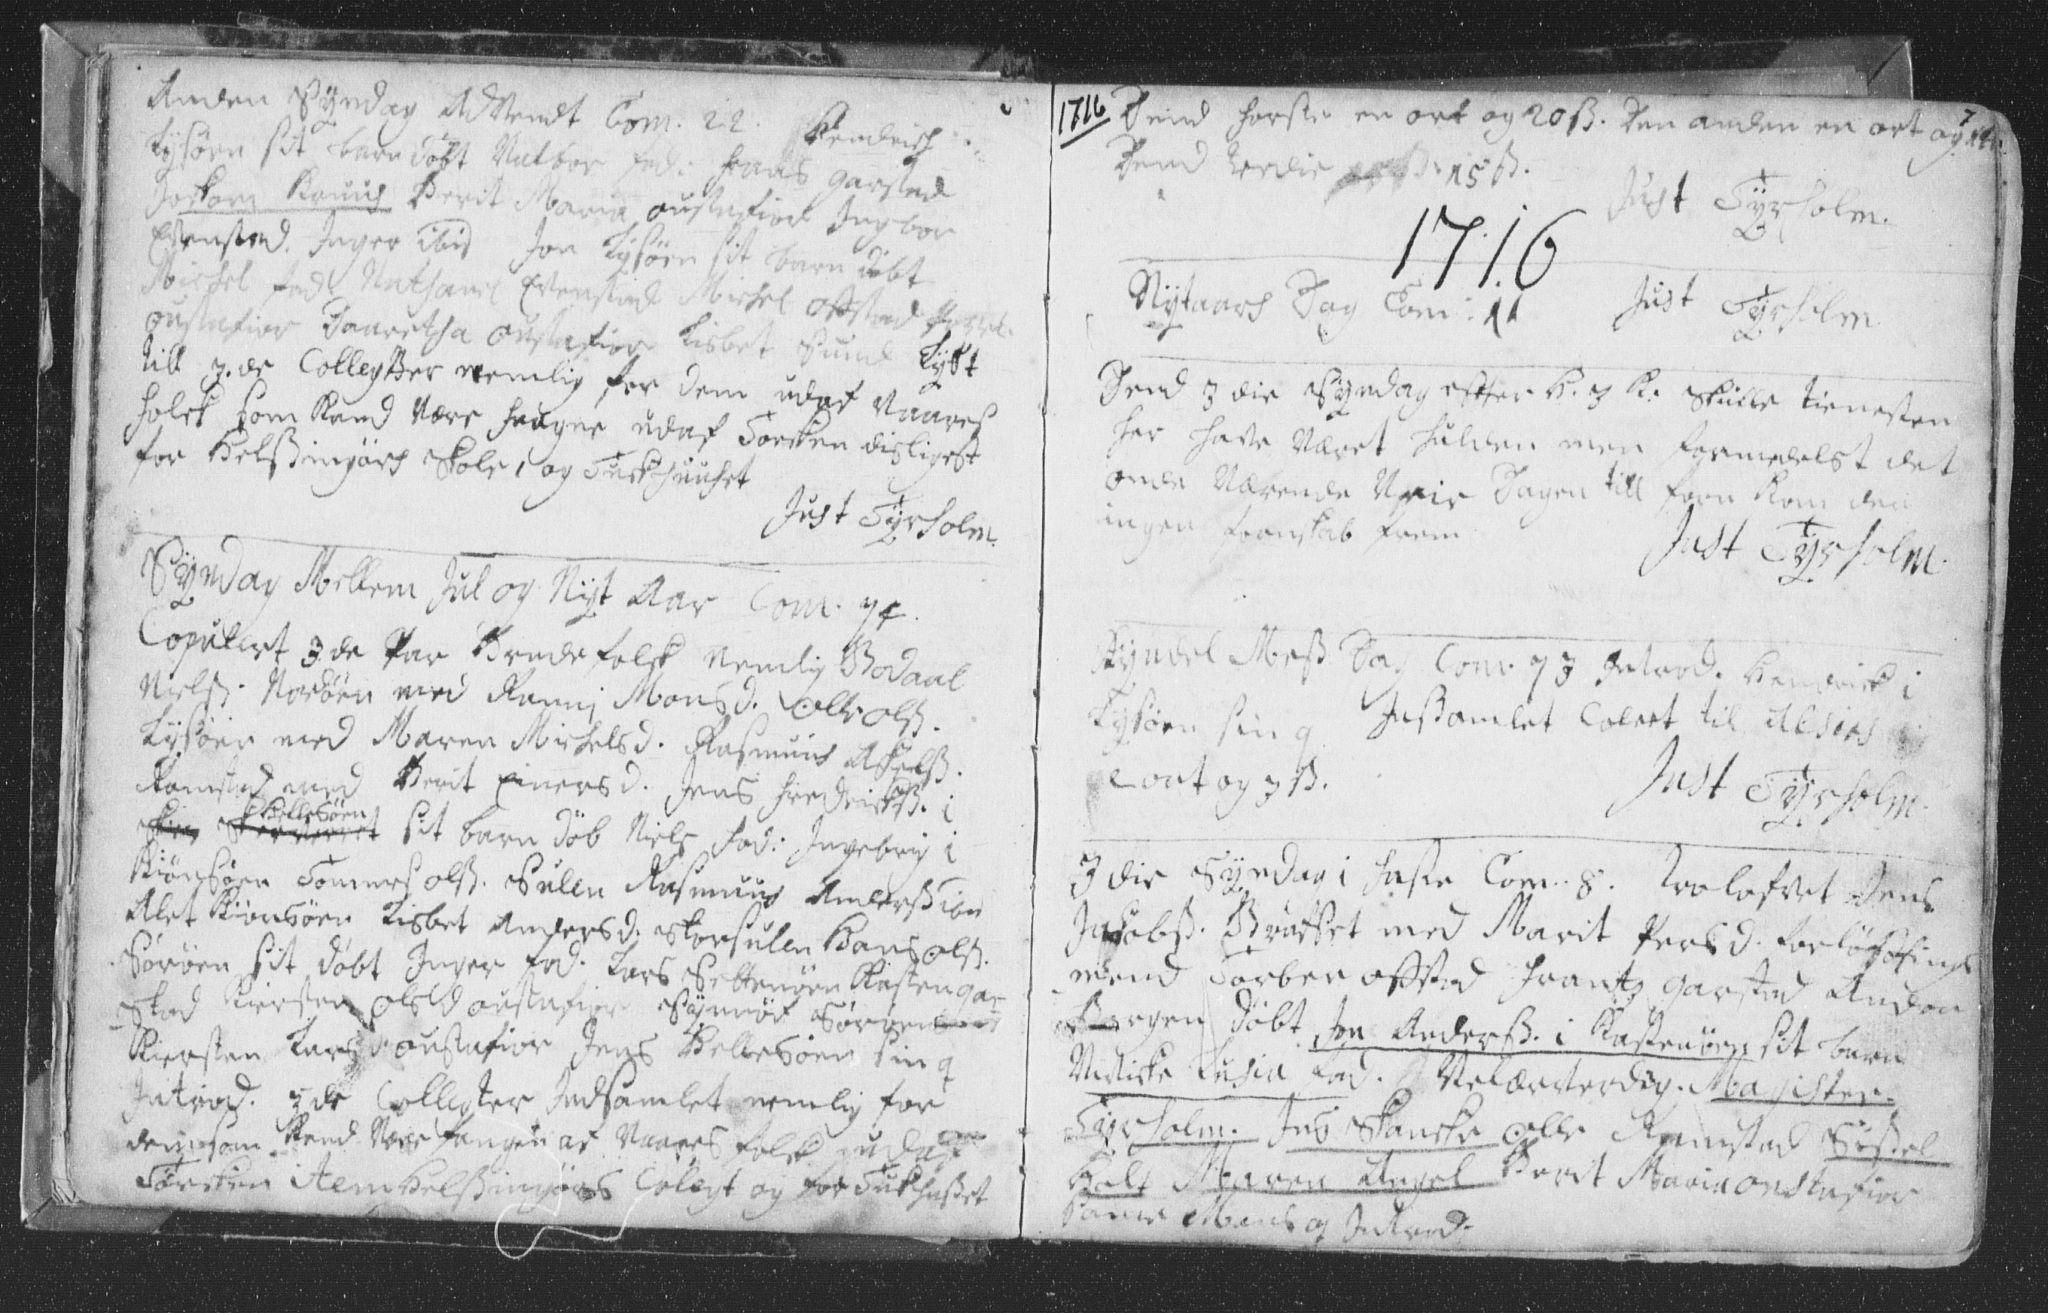 SAT, Ministerialprotokoller, klokkerbøker og fødselsregistre - Nord-Trøndelag, 786/L0685: Ministerialbok nr. 786A01, 1710-1798, s. 7